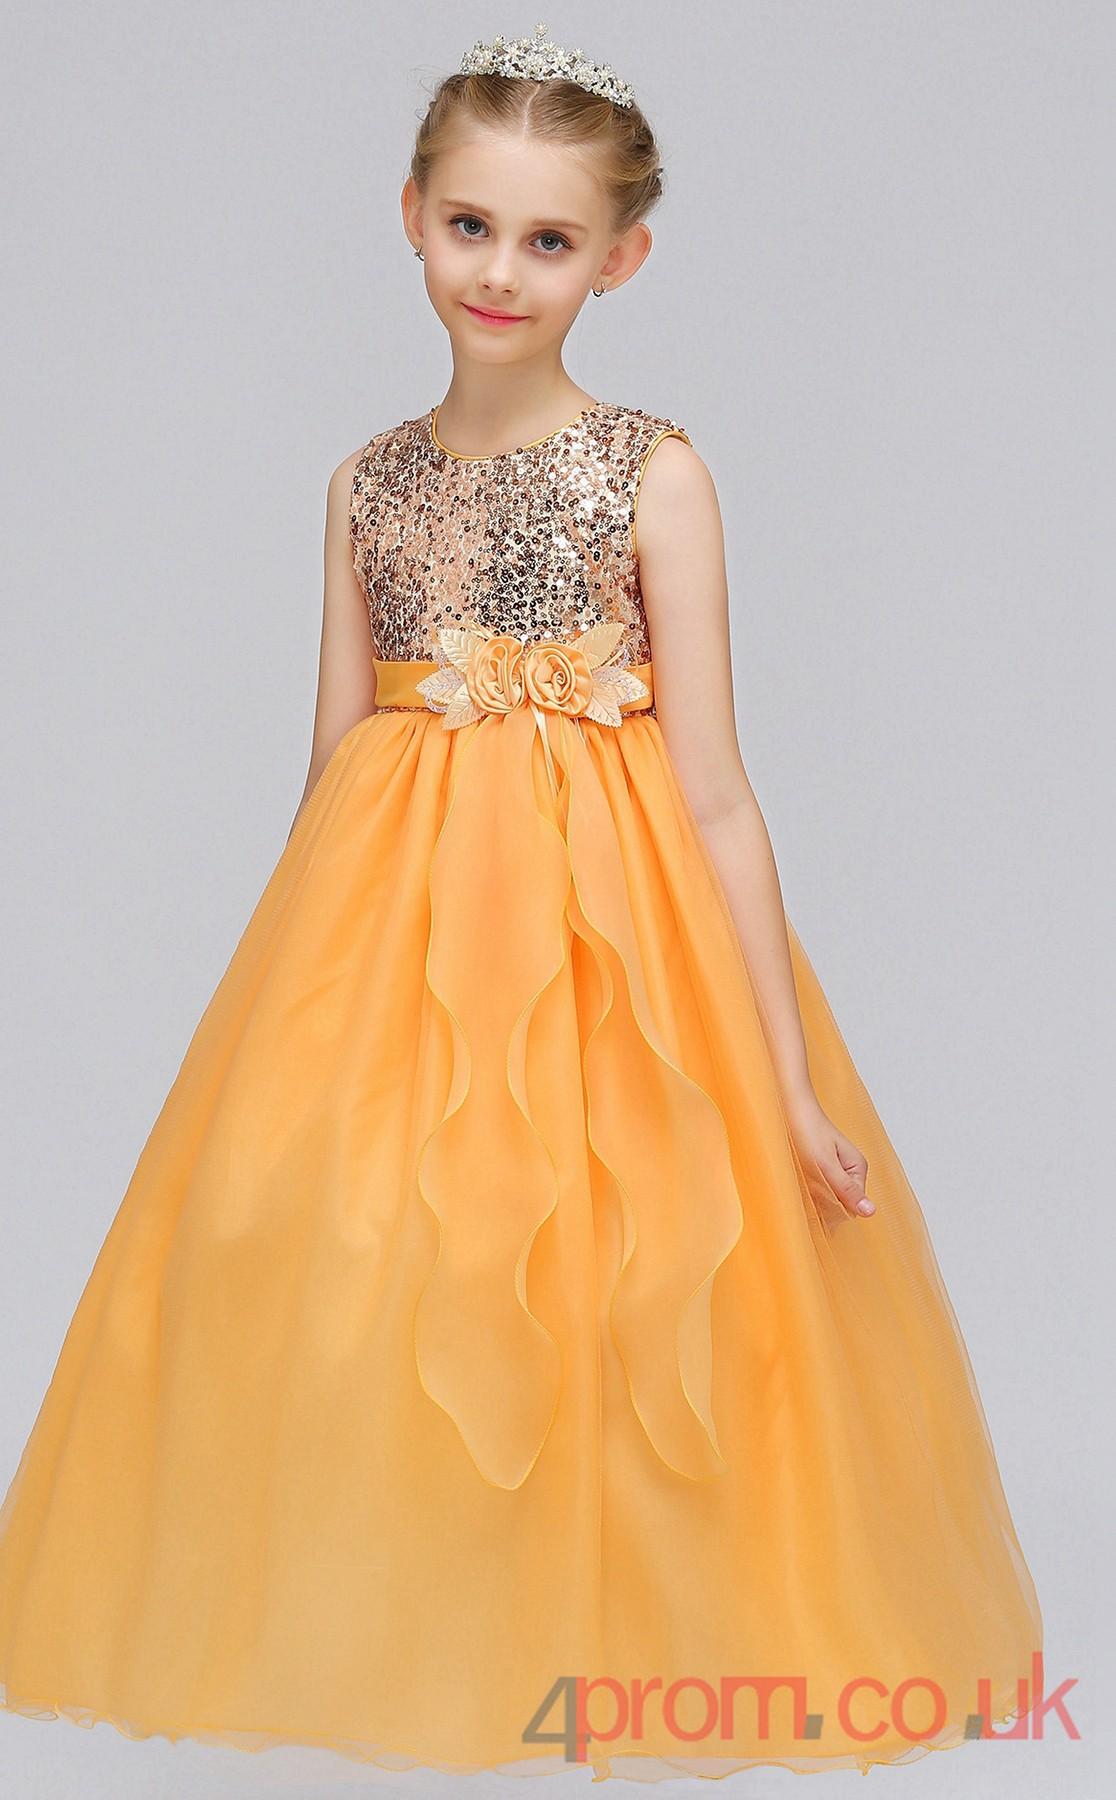 c697874c351 Light Orange Prom Dresses